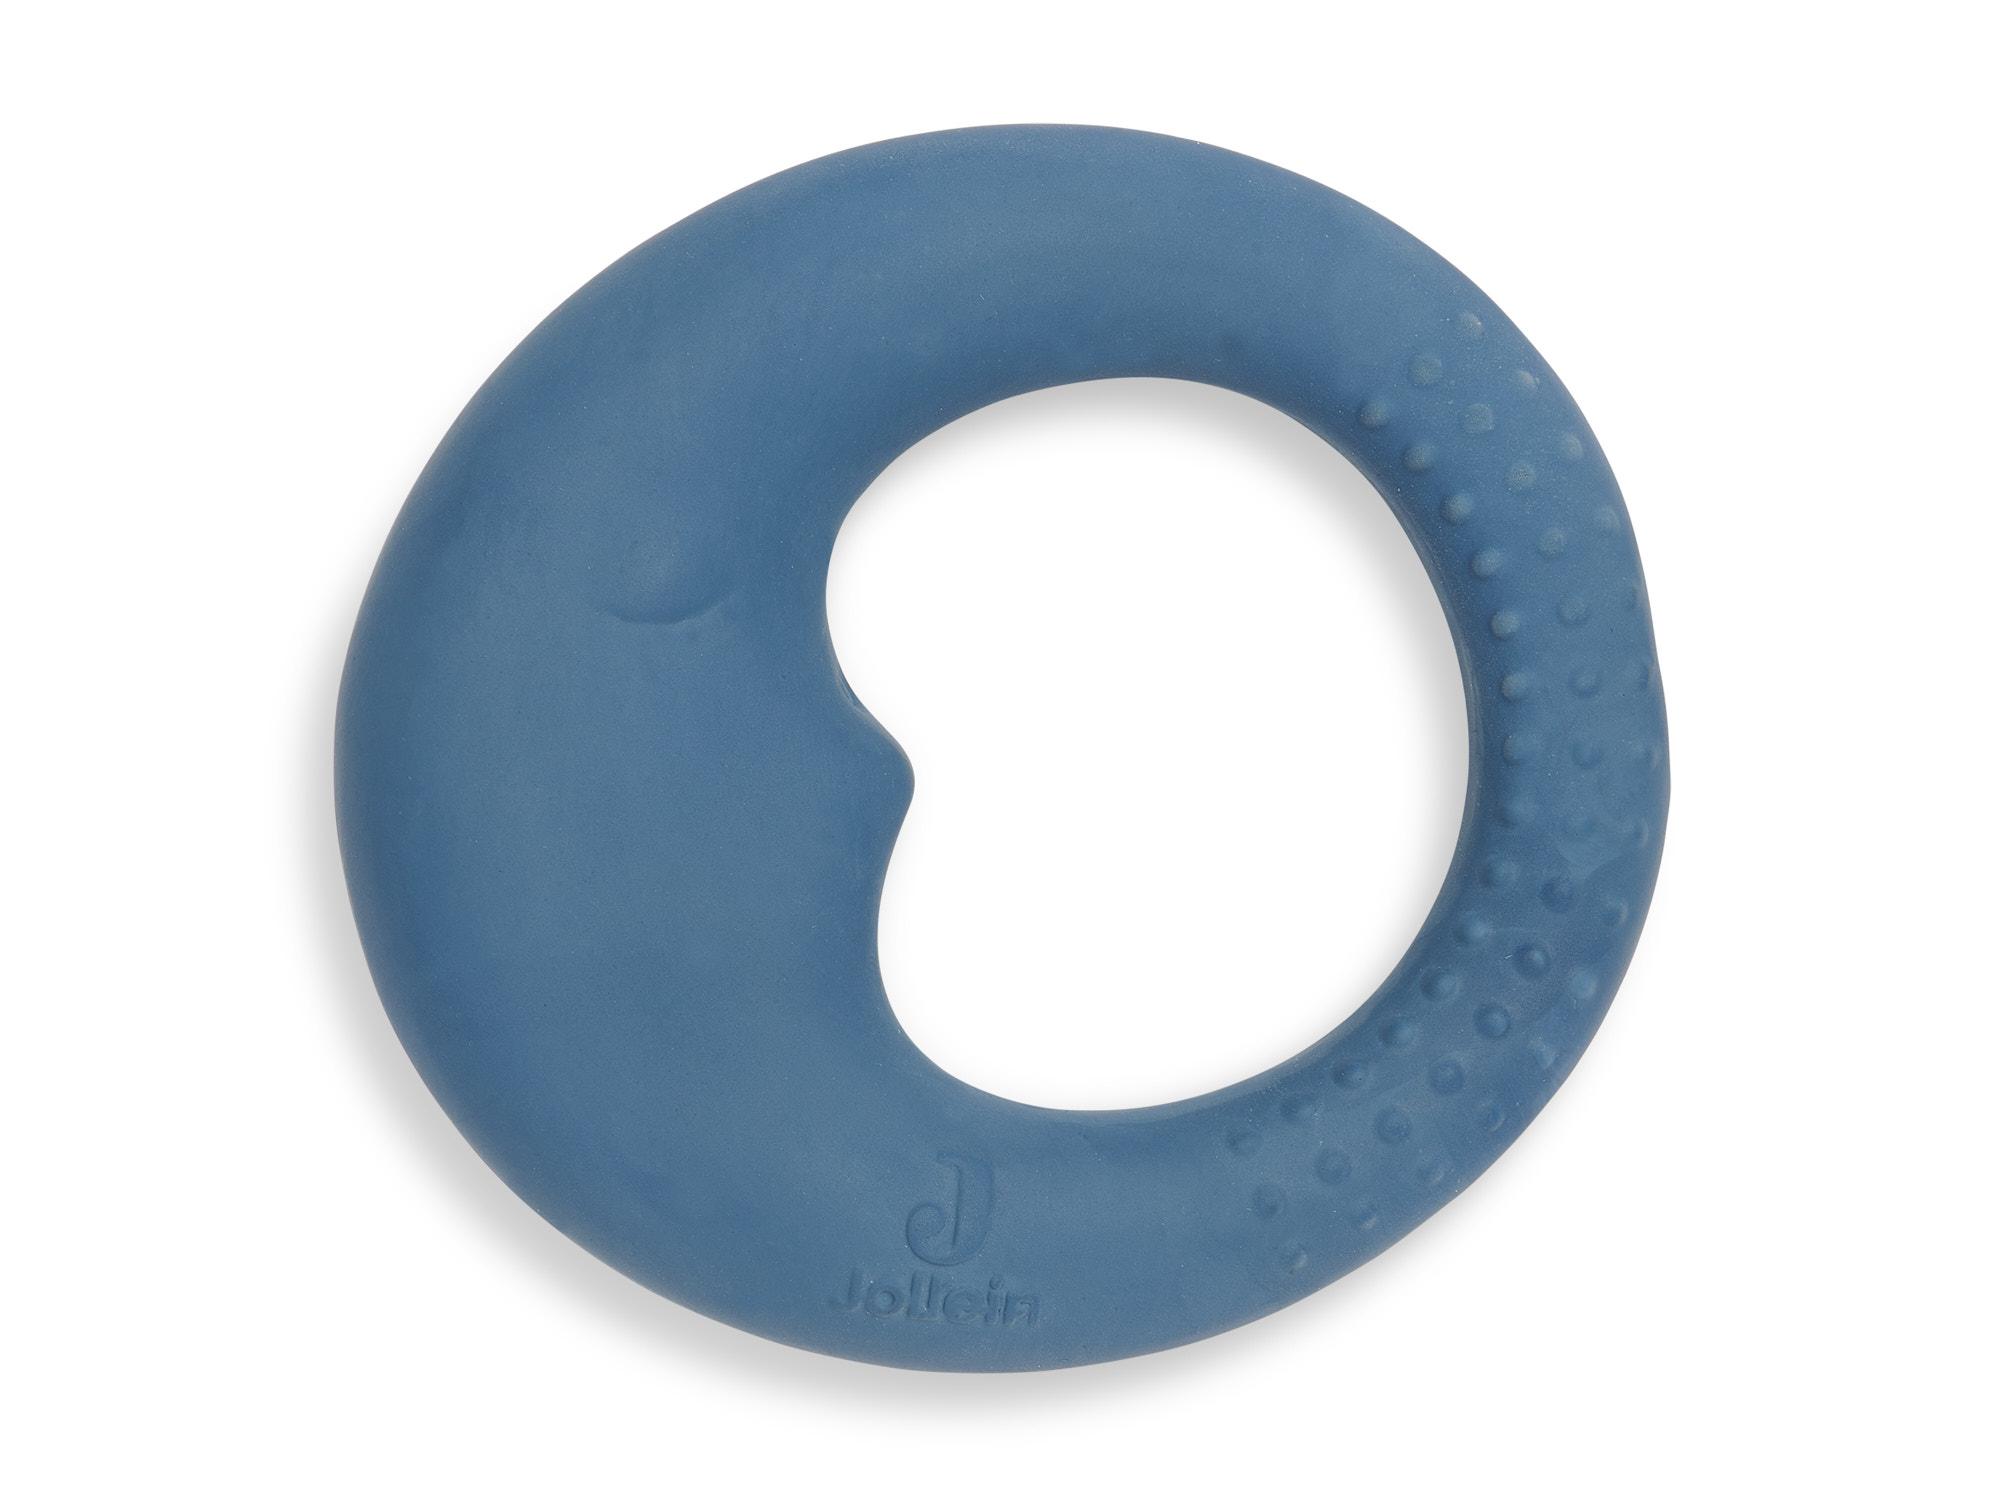 Beißring aus Naturkautschuk Mond blau